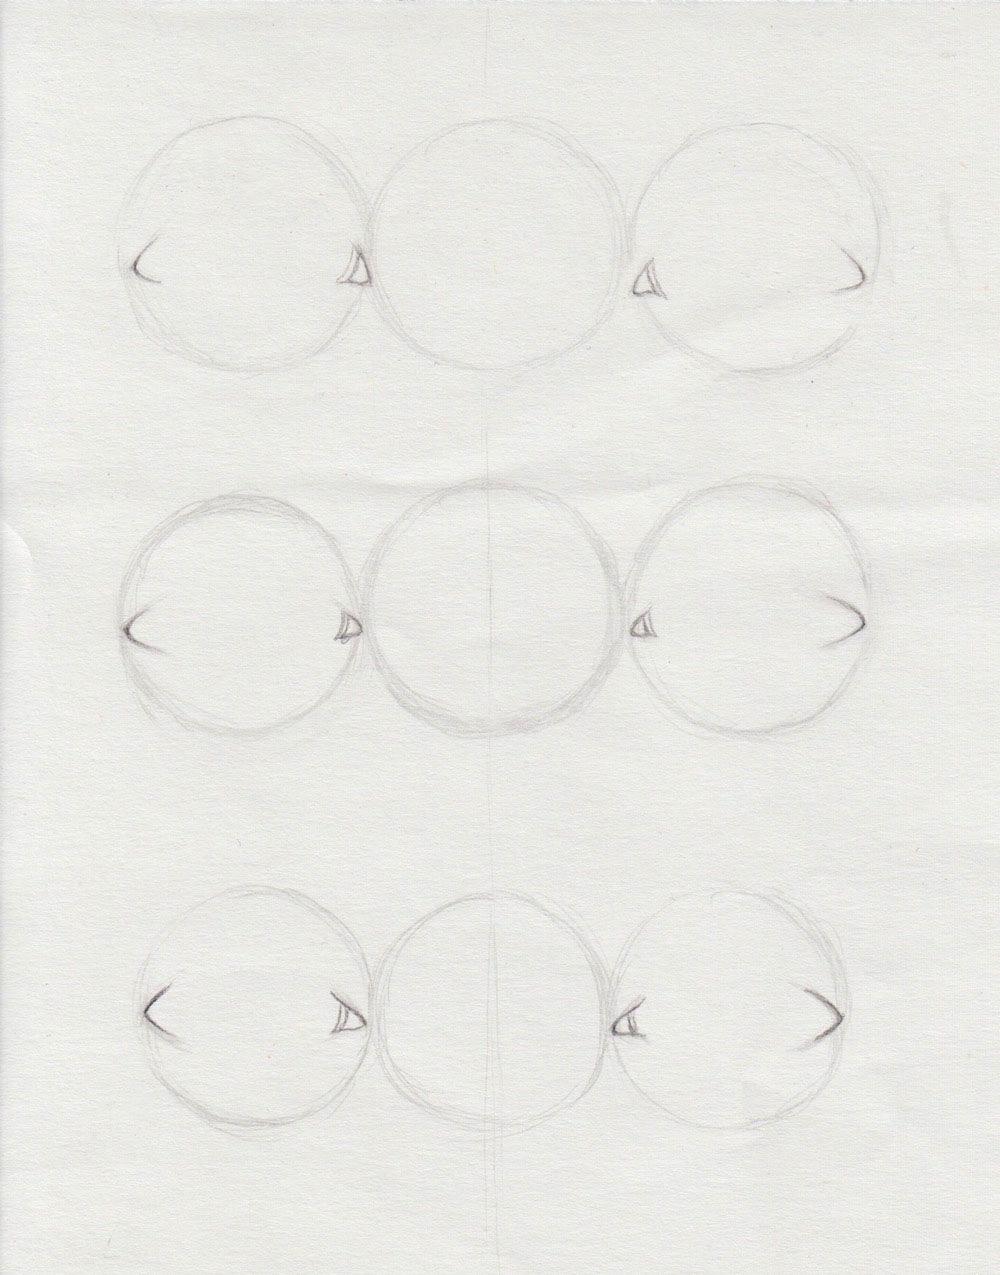 verschiedene Augenwinkel zeichnen